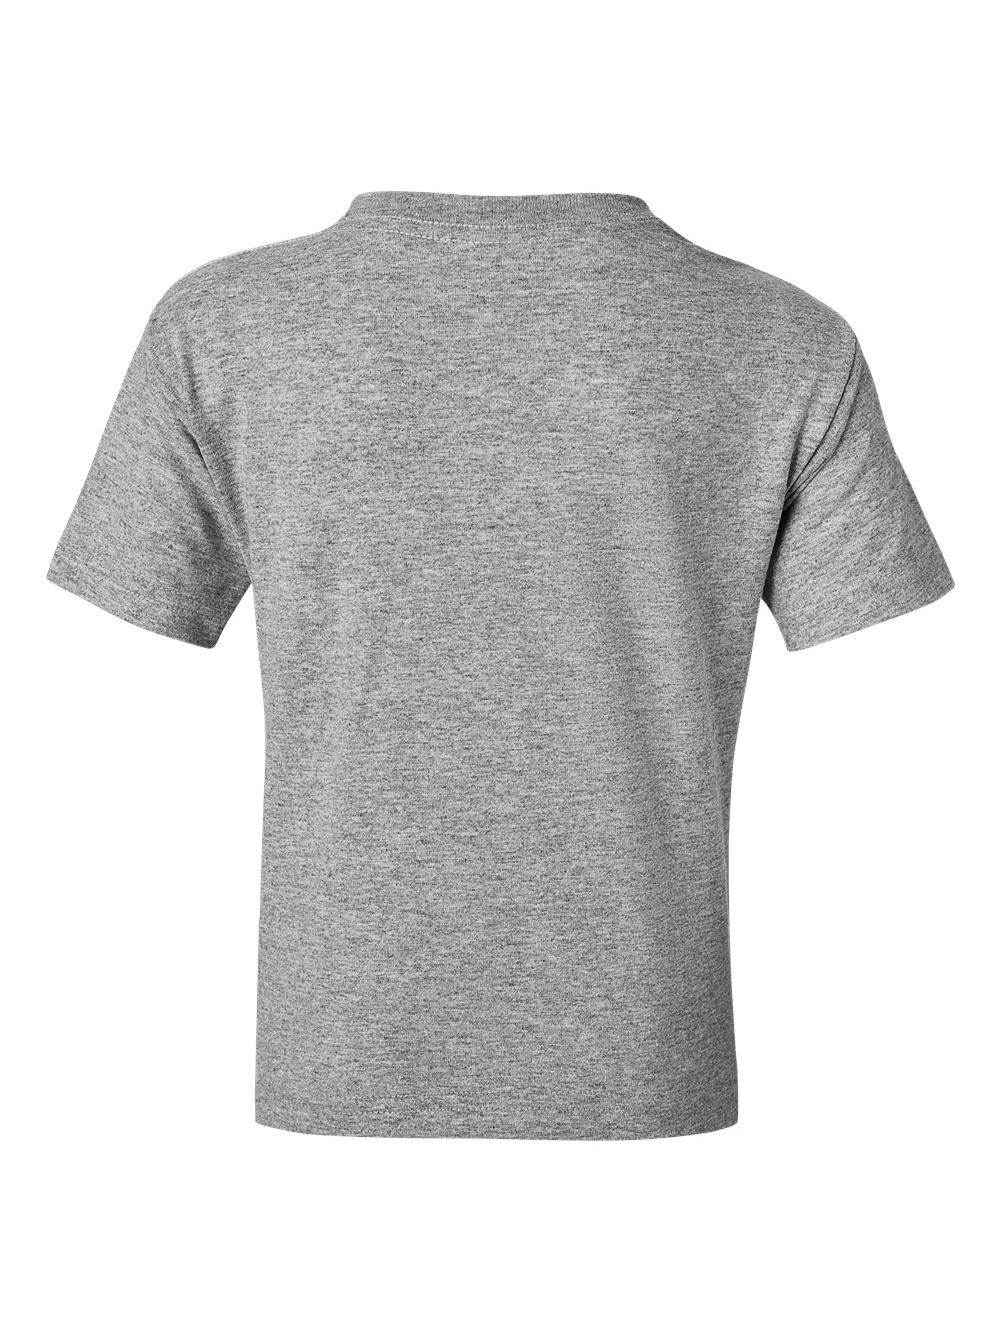 Gildan-DryBlend-Youth-50-50-T-Shirt-8000B thumbnail 100